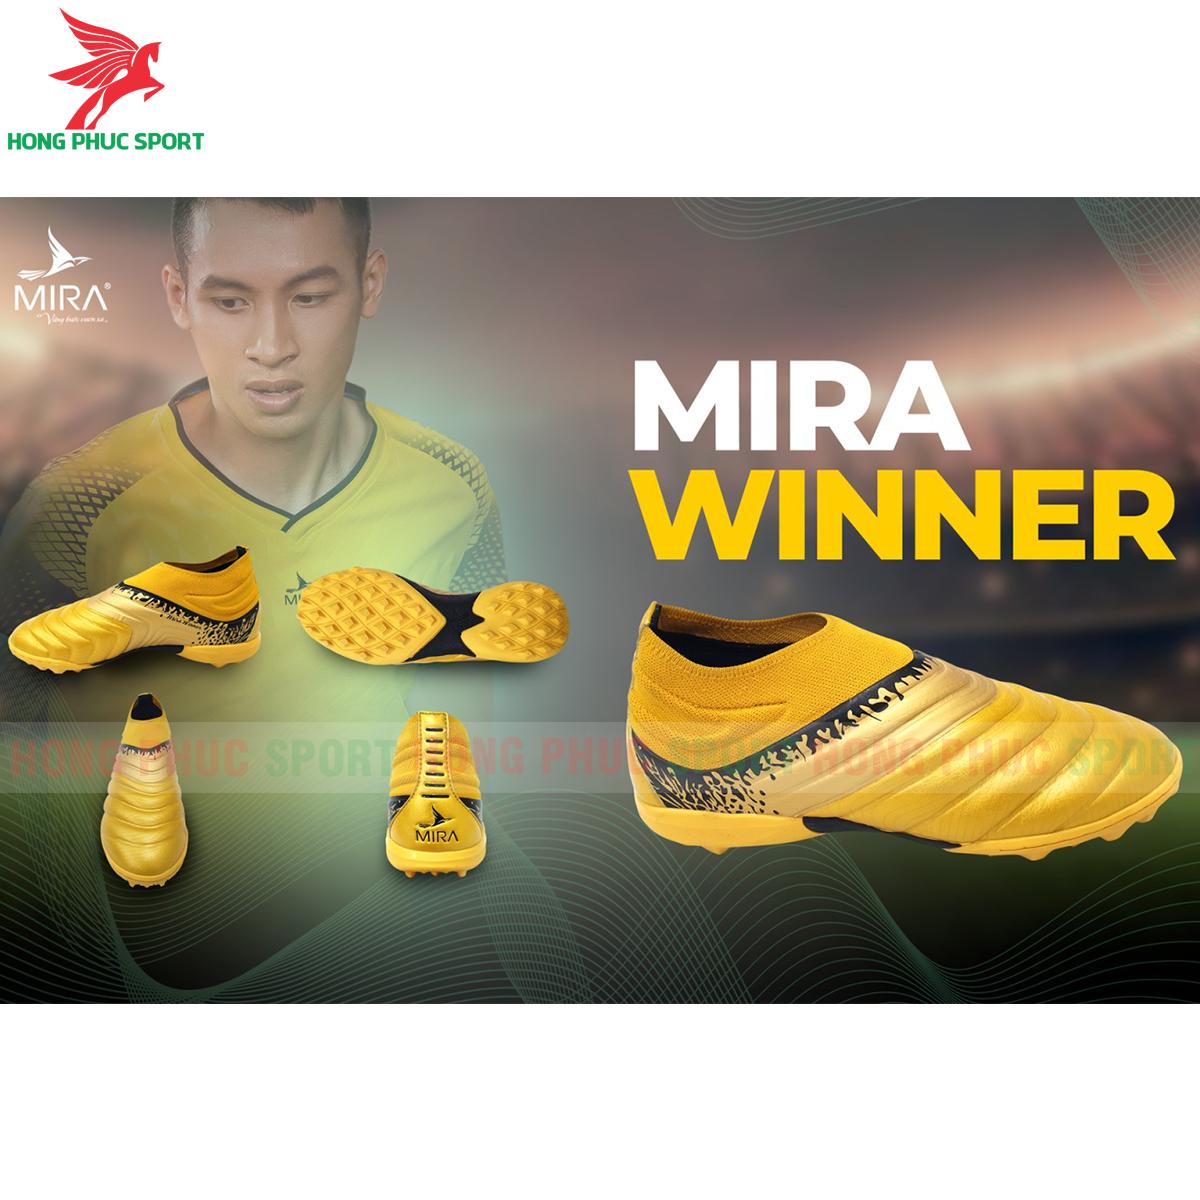 https://cdn.hongphucsport.com/unsafe/s4.shopbay.vn/files/285/giay-da-bong-mira-winner-vang-1-5f73fd4454067.png